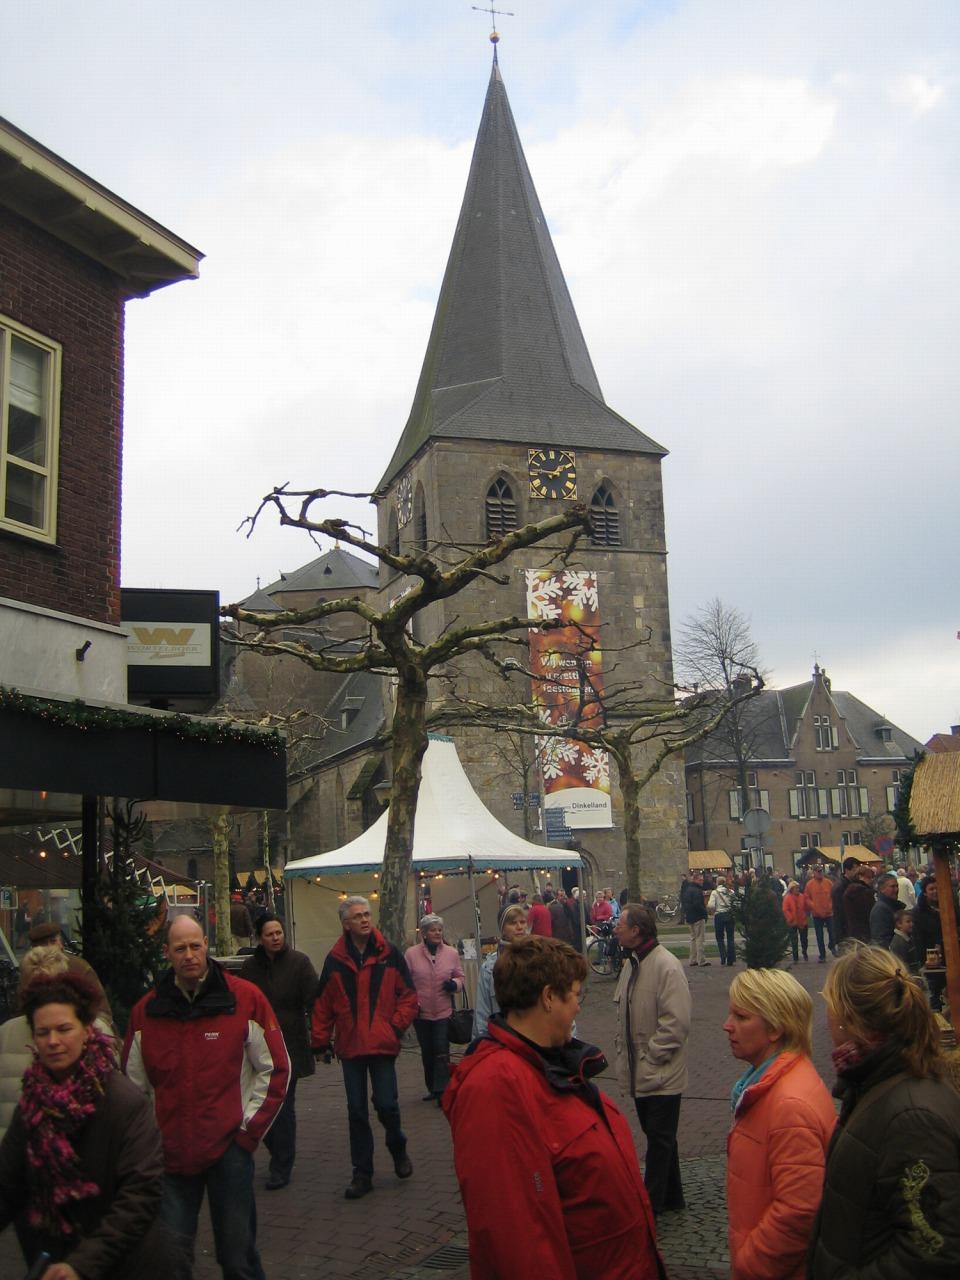 Kerstmarkt Denekamp 2019 22 Dec 2019 Visit Twente